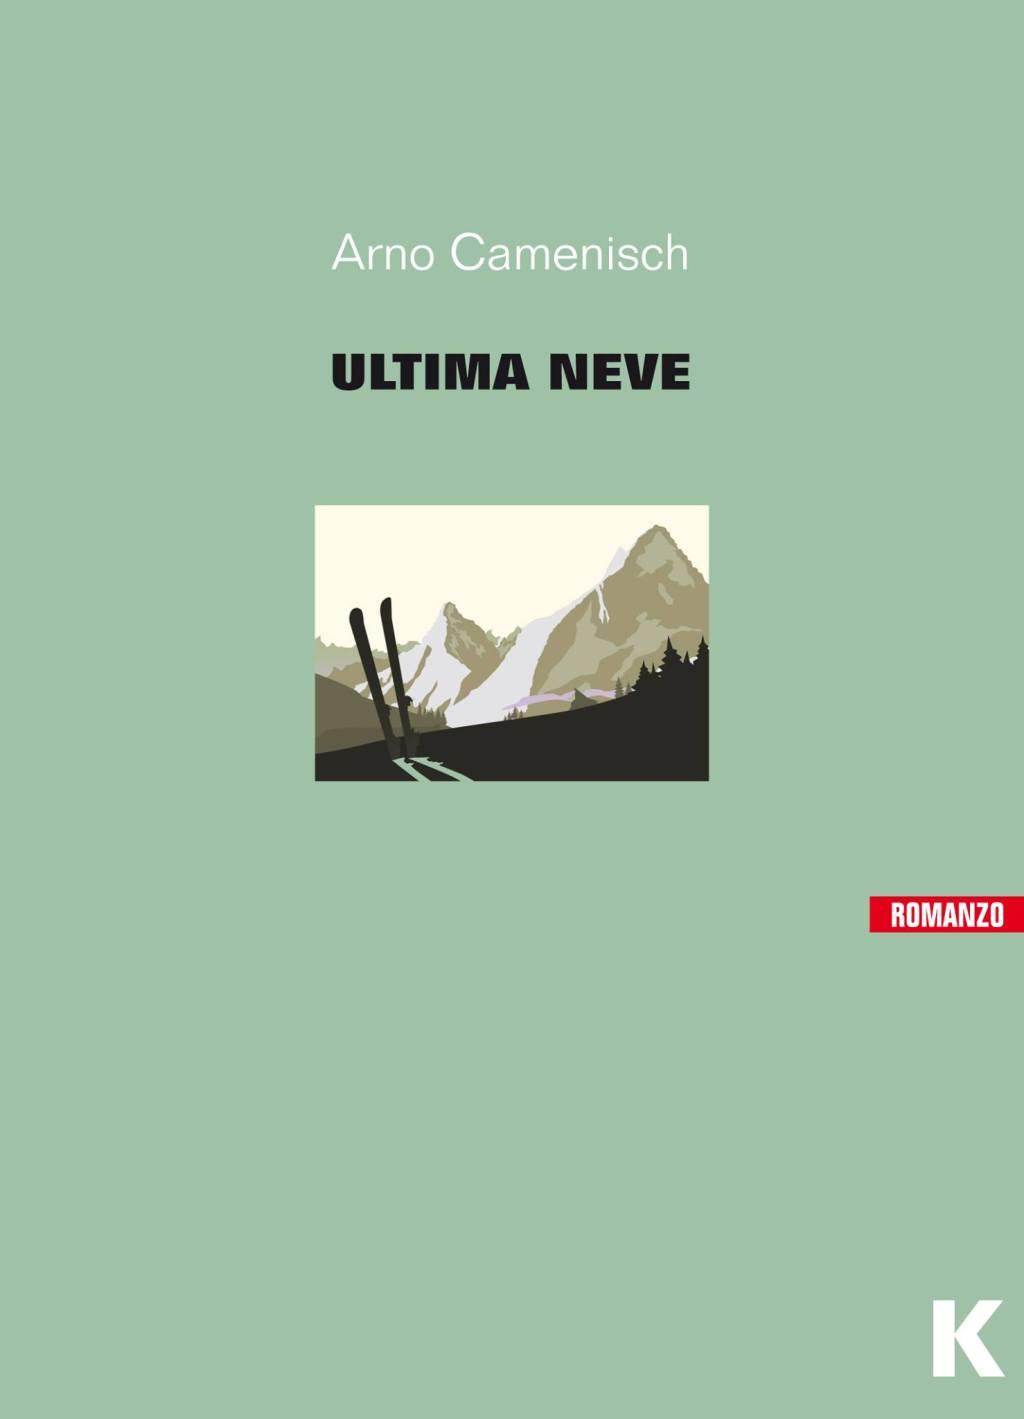 Arno Camenisch